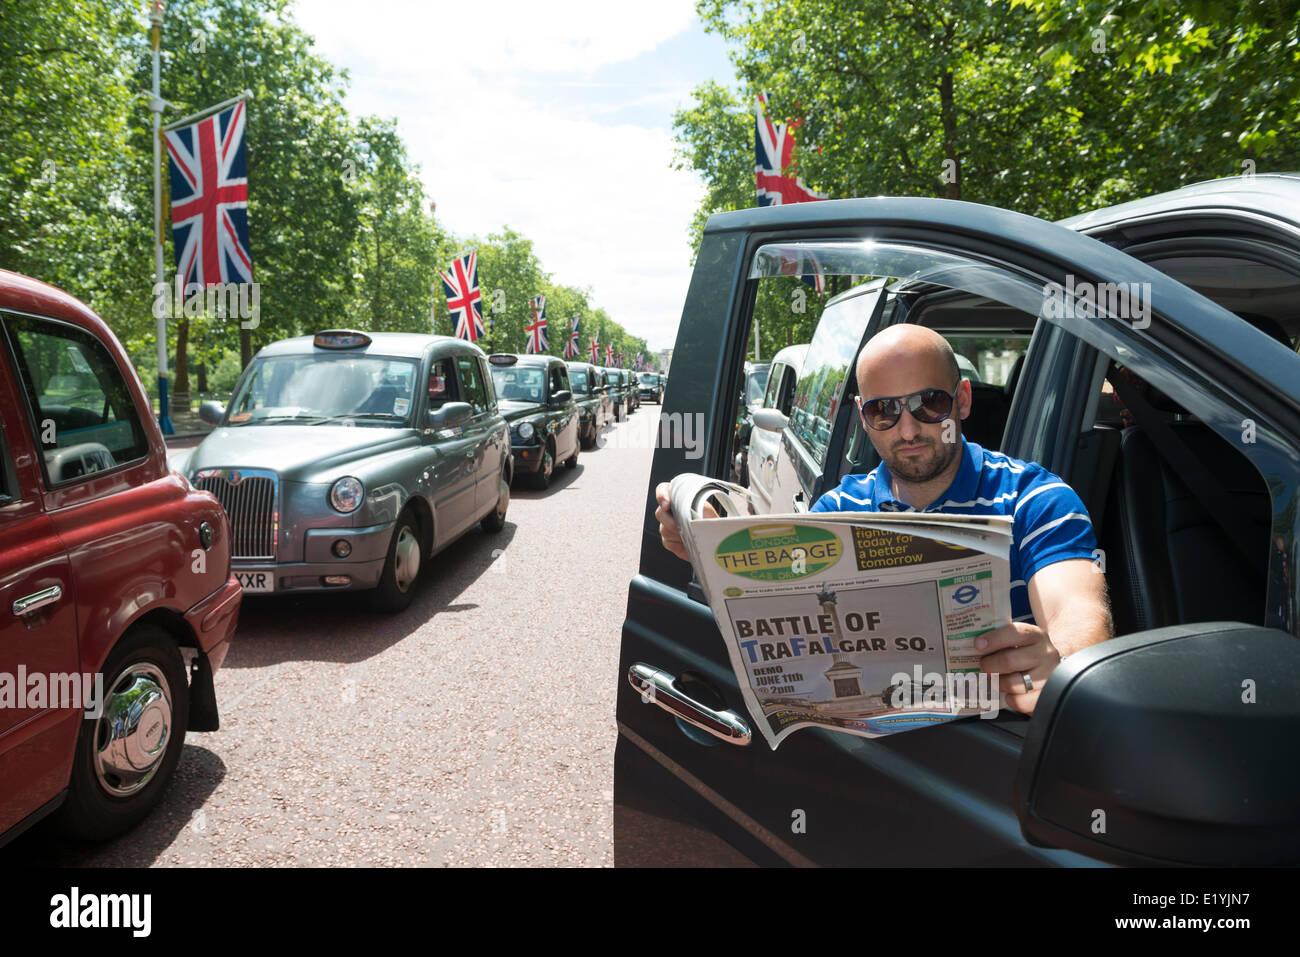 Londres taxista negro Joe Senatore toma un descanso en el Mall en protesta contra Uber el taxi app. La demo fue de 1 hora de 1-2pm el 11 de junio de 2014. Foto de stock